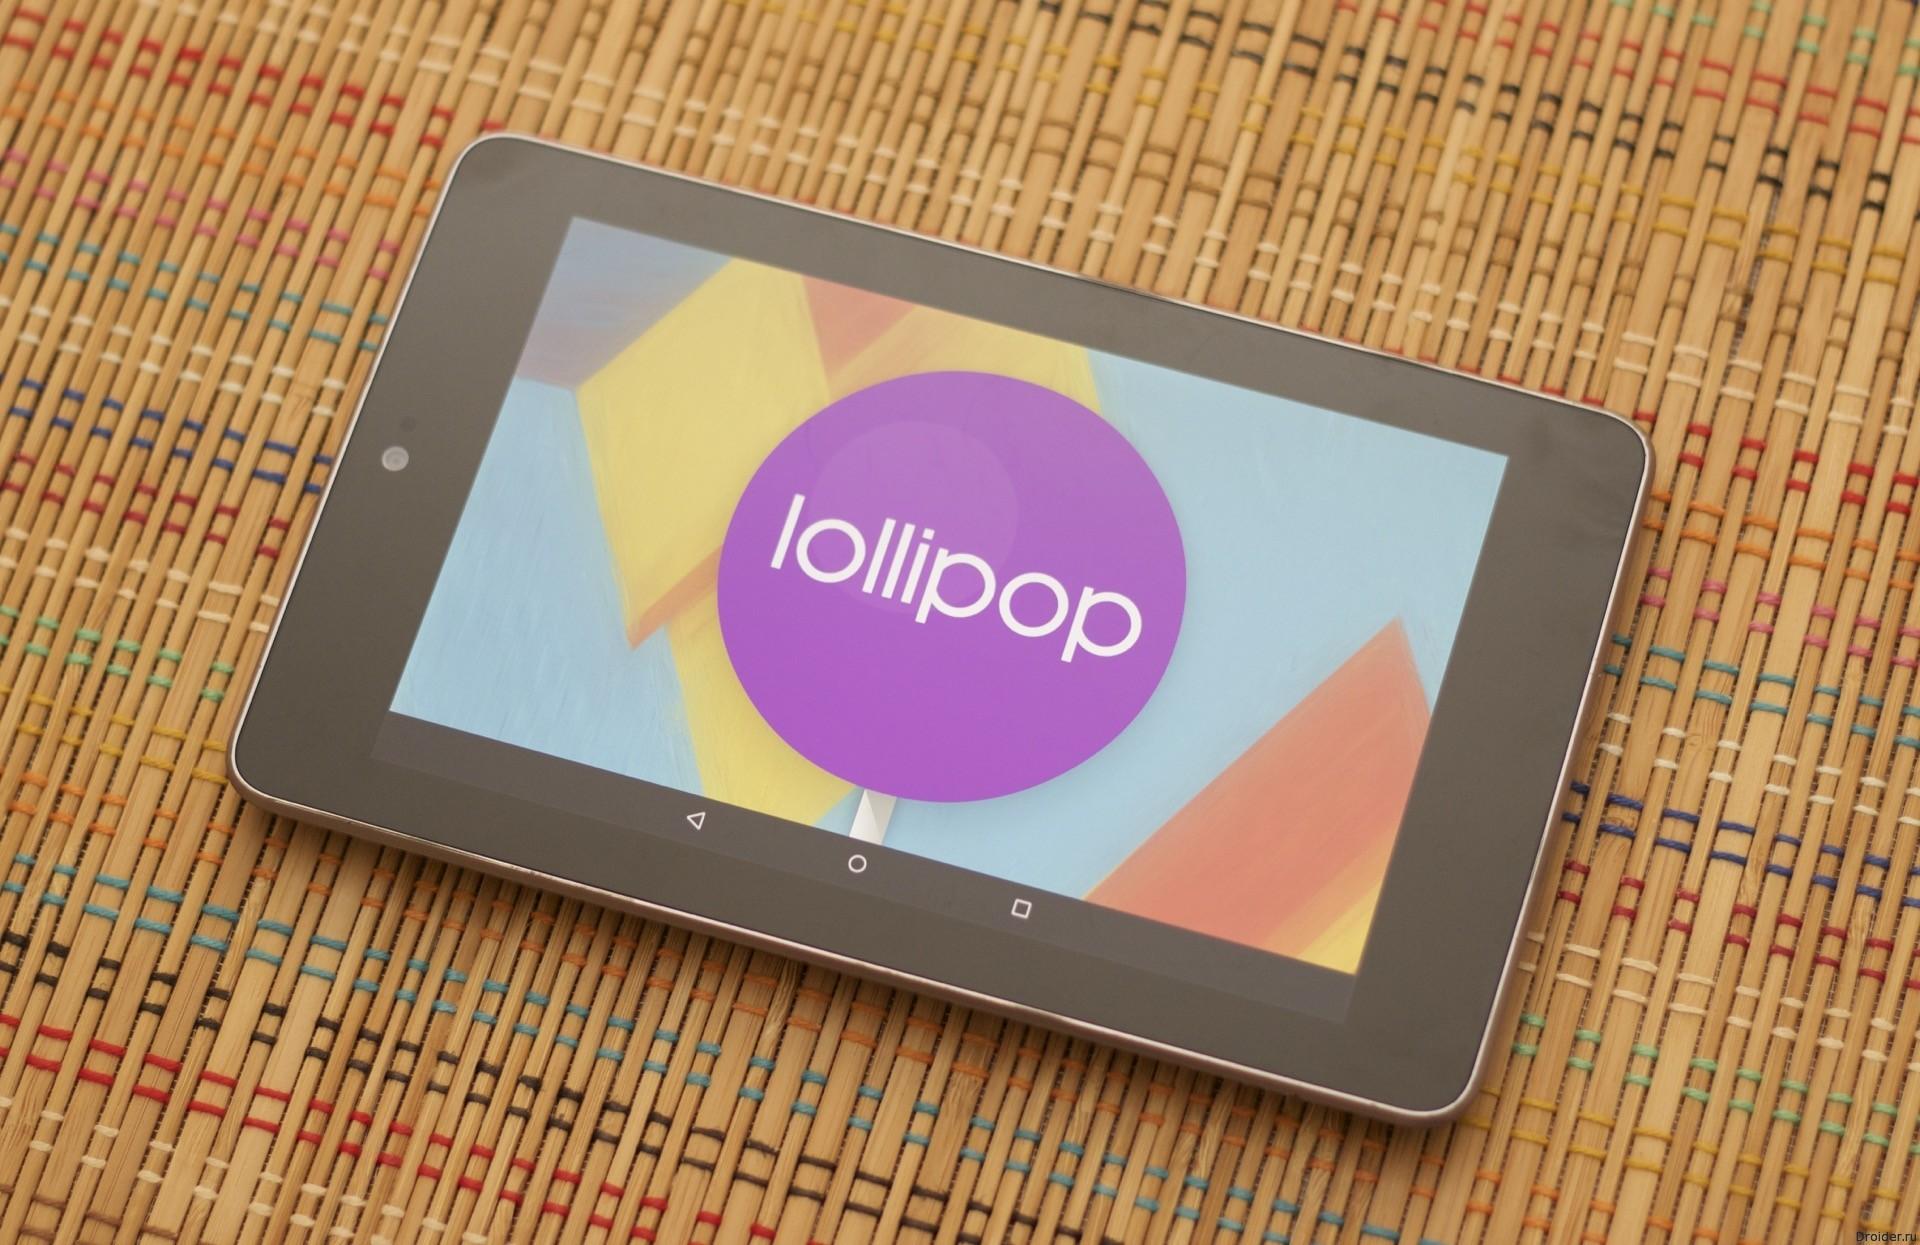 Google опубликовала образы Android 5.0.2 для Nexus 7 и Nexus 10